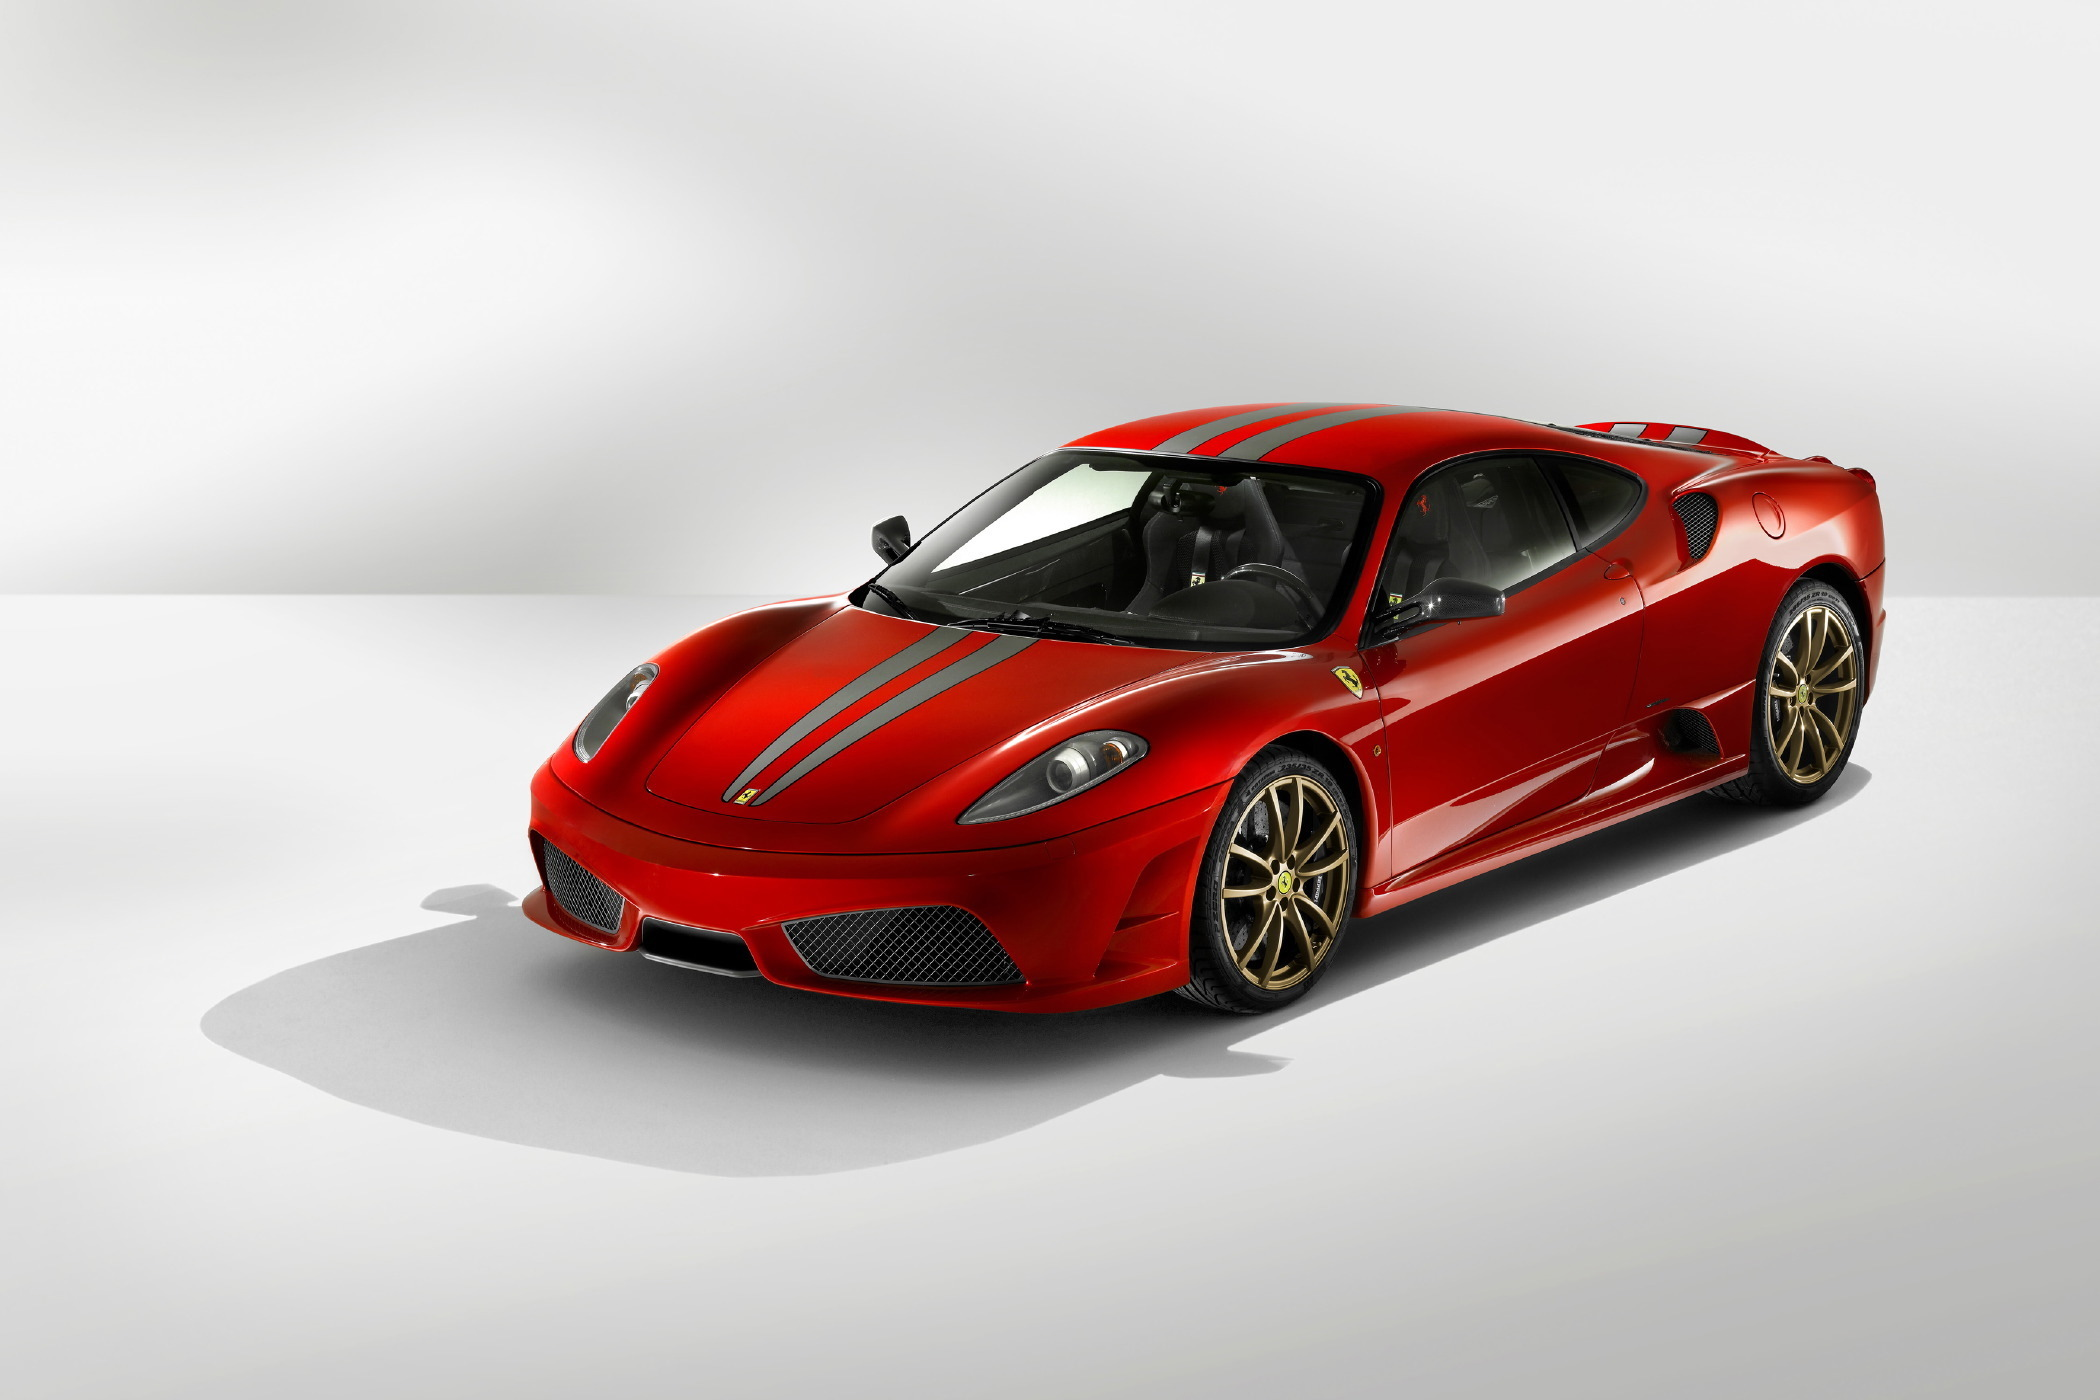 Ferrari F430 Scuderia - Cars Photo (2798279) - Fanpop